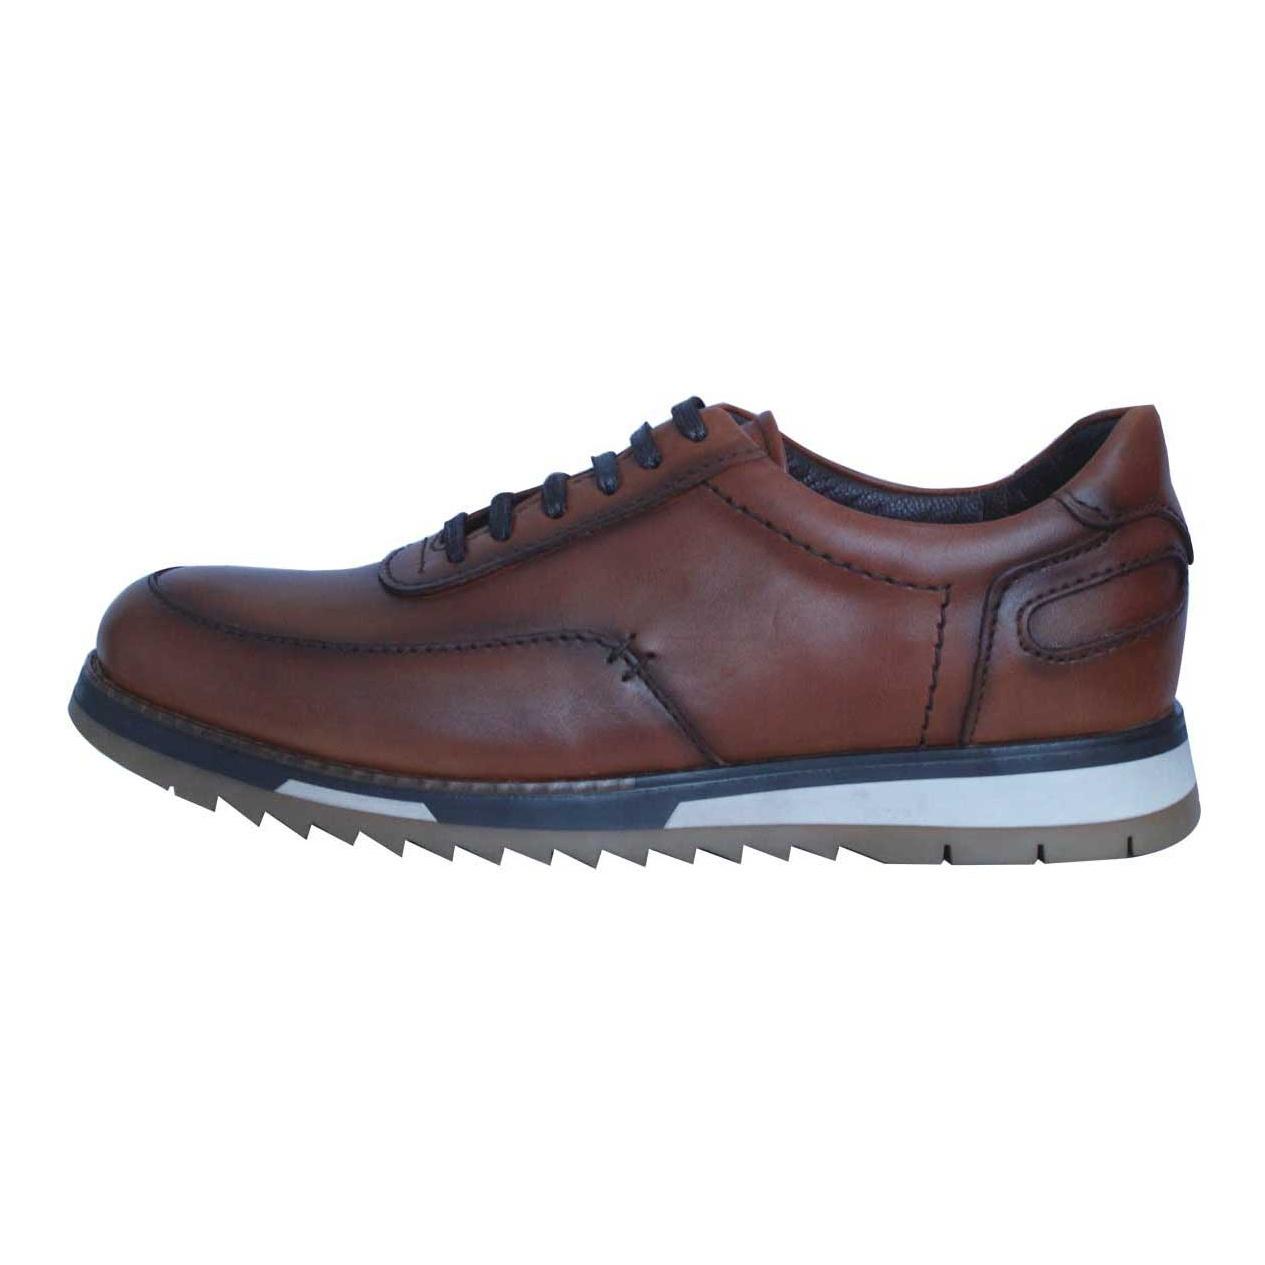 کفش اسپرت مردانه دوران مدل ساده کد 626